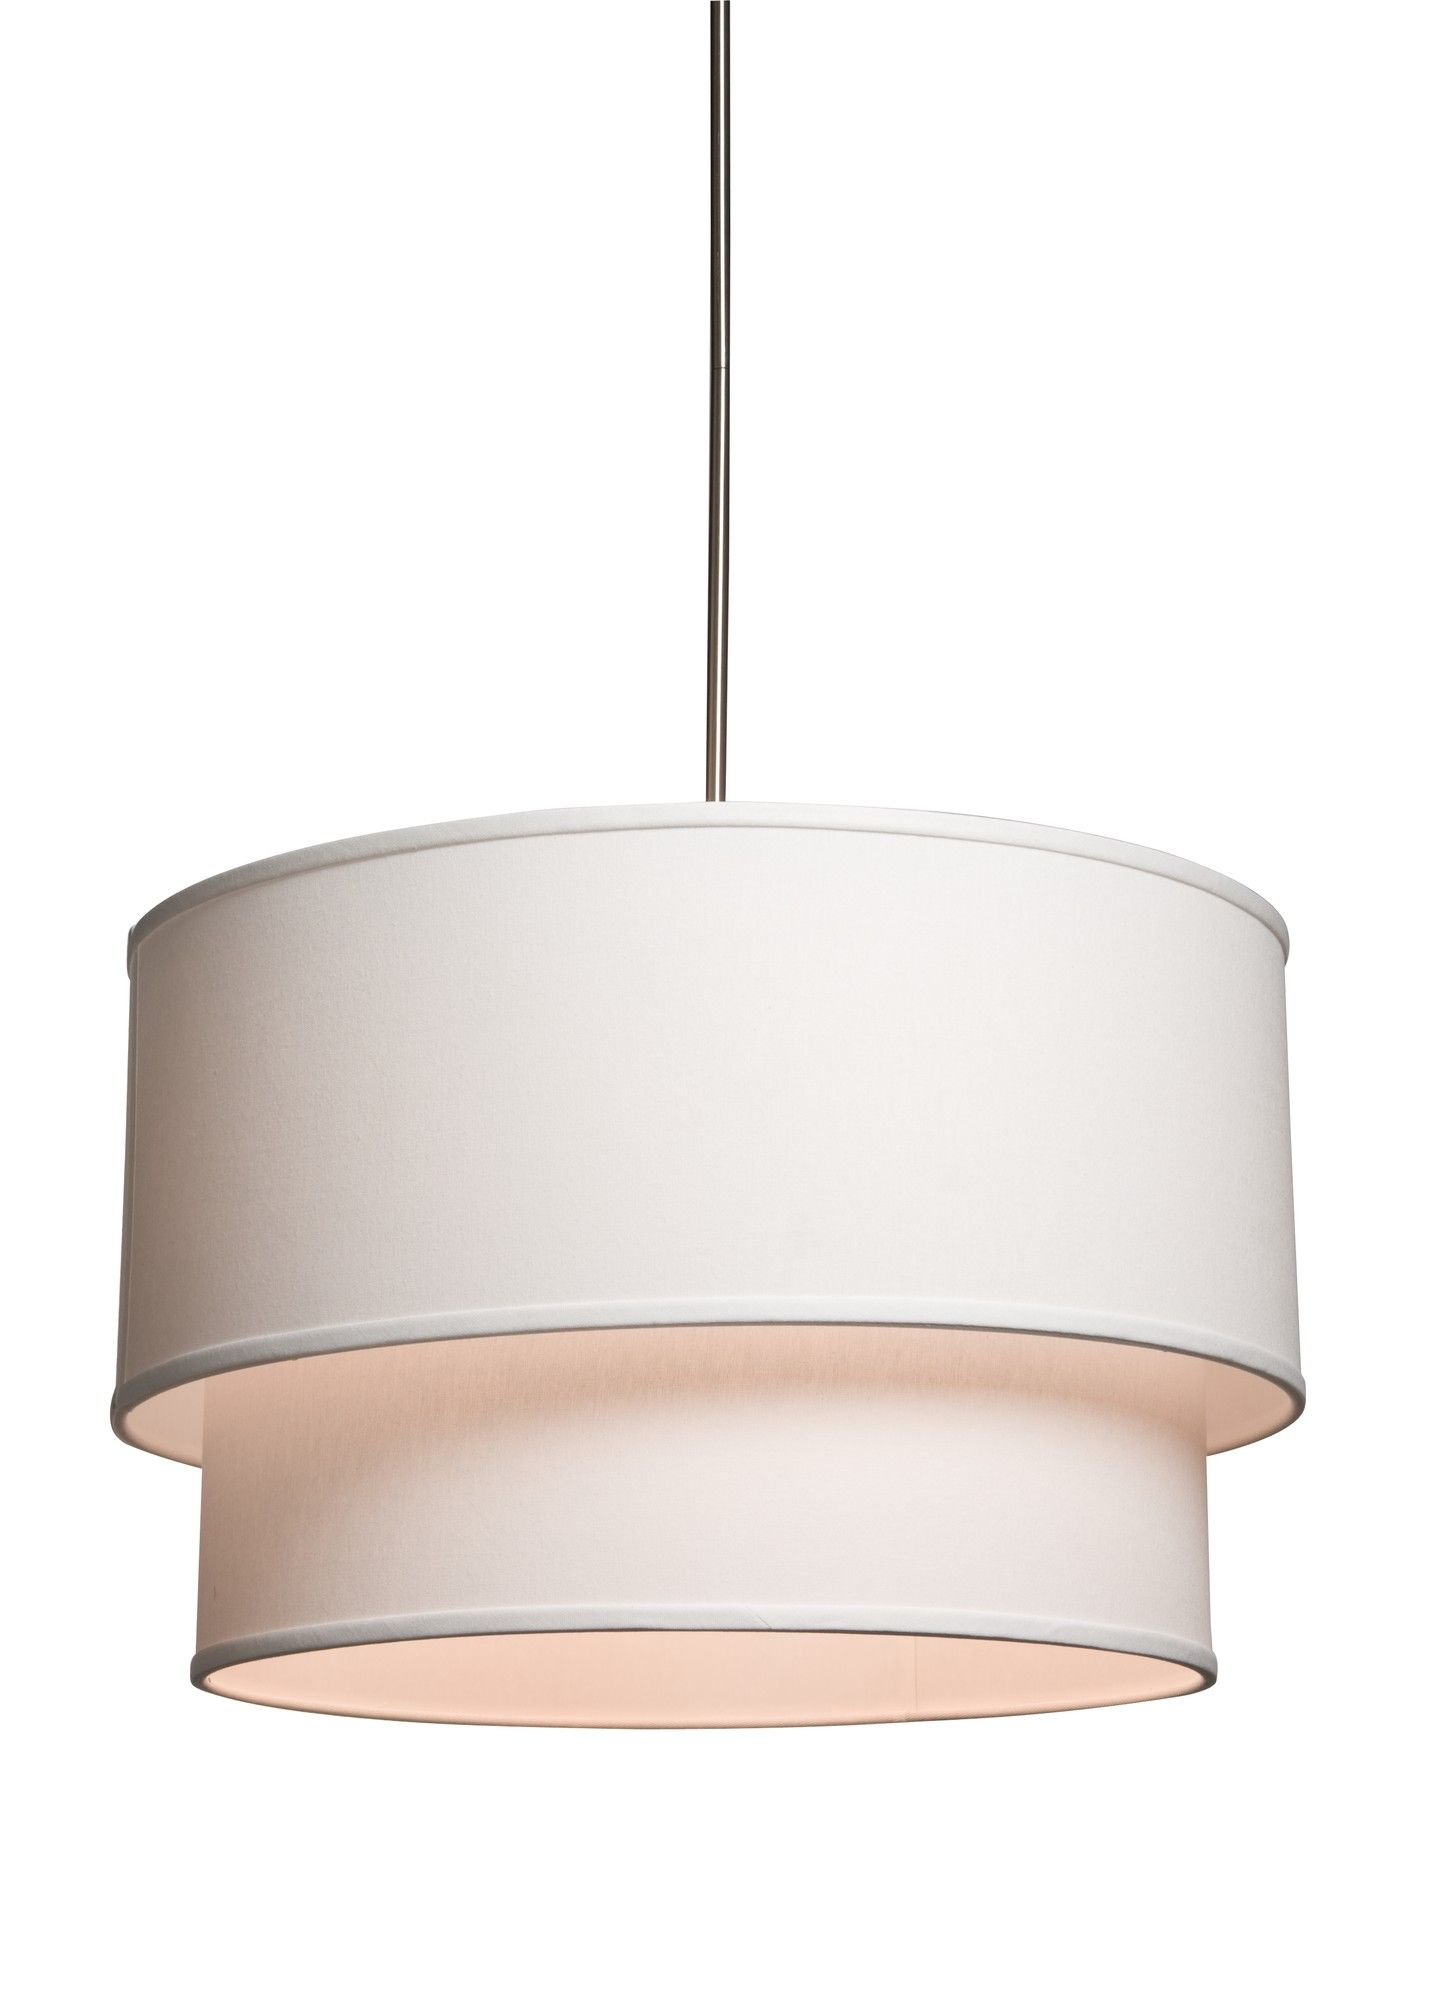 cheap drum pendant lighting. Artcraft Lighting Mercer Street 3 Light Drum Pendant \u0026 Reviews | AllModern Cheap